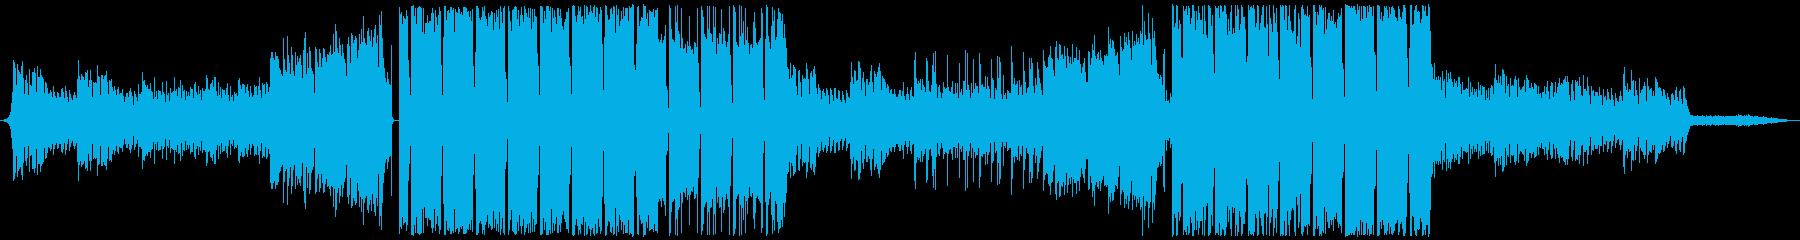 幻想的なFutureBassの再生済みの波形